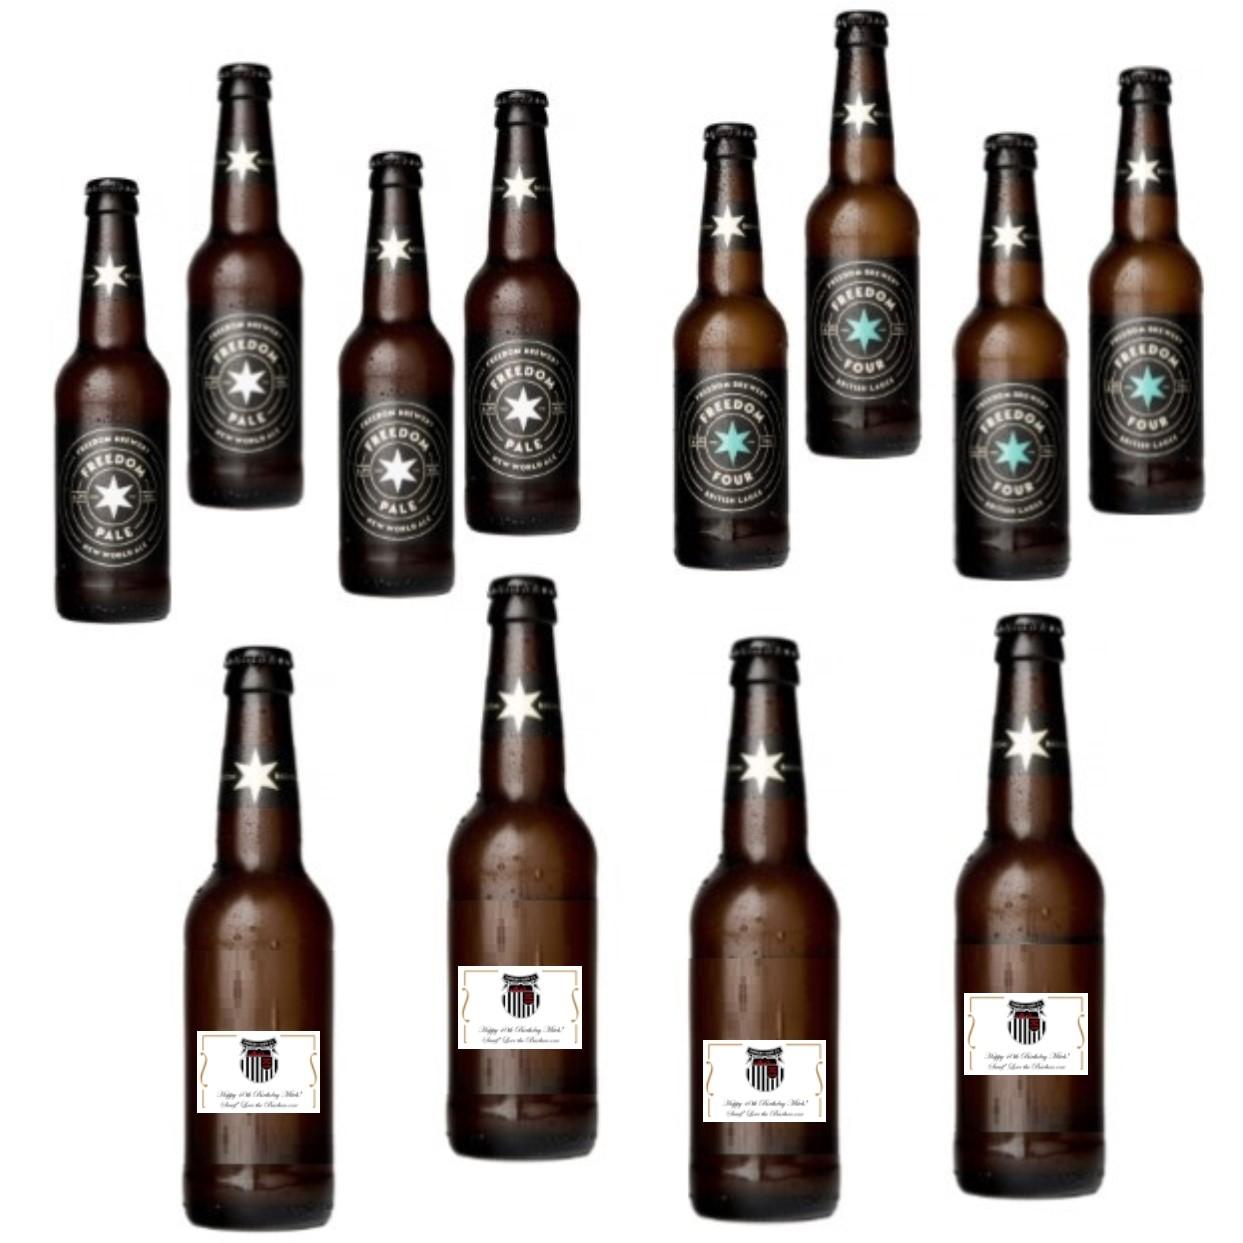 12 X Personalised Bottles Of Craft Beer - Helles Lager / Pale Ale...